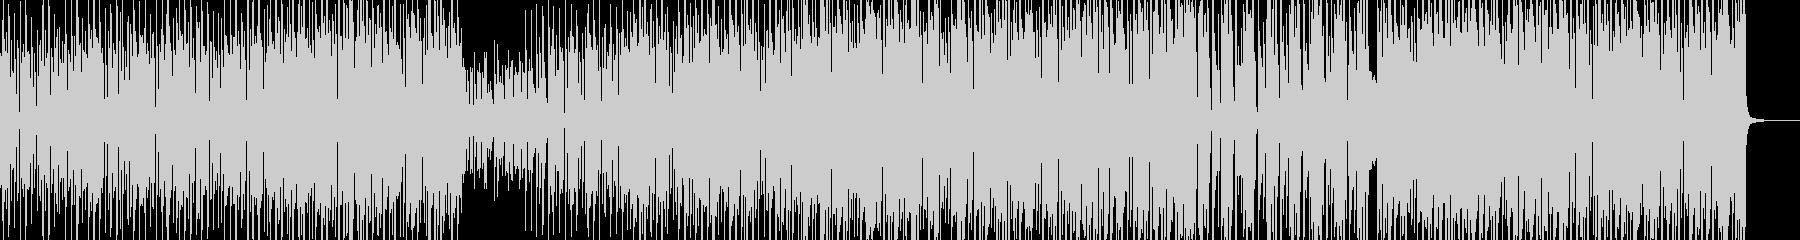 筋ᕦ(・ㅂ・)ᕤ肉・ガチムチテクノ B3の未再生の波形